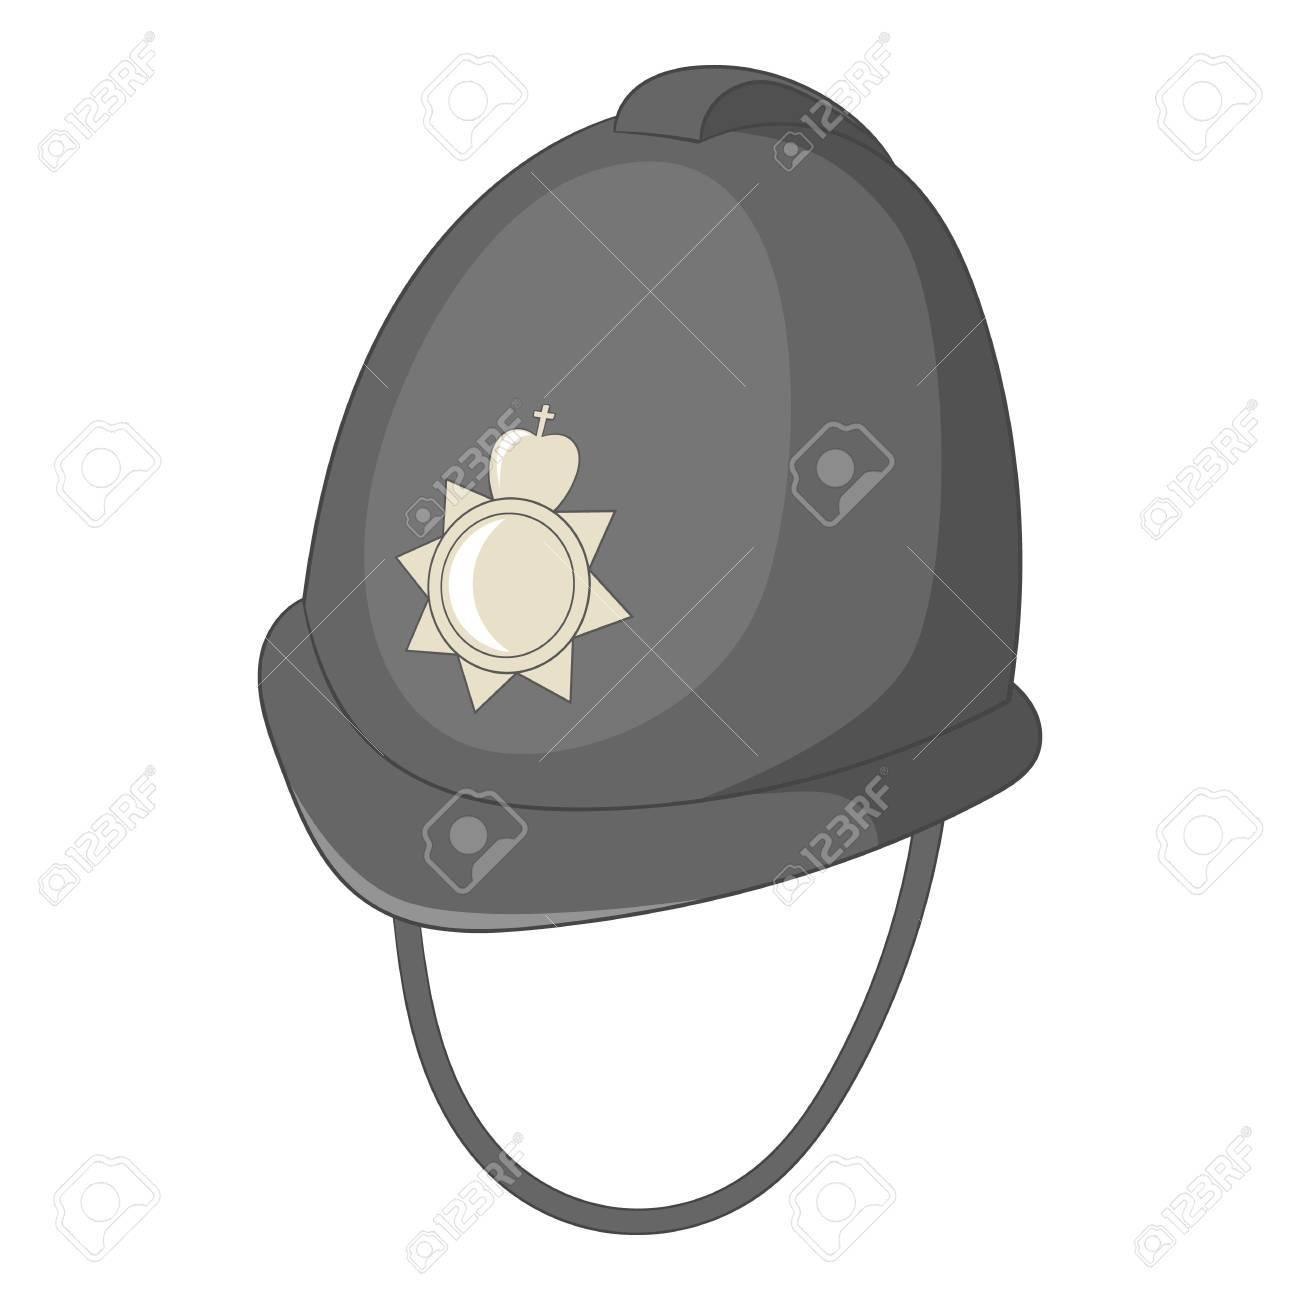 b460a7f8b2d25 Foto de archivo - Tocado del icono de la policía inglesa. Ilustración de  dibujos animados de tocado del icono de vector de policía inglés para diseño  web